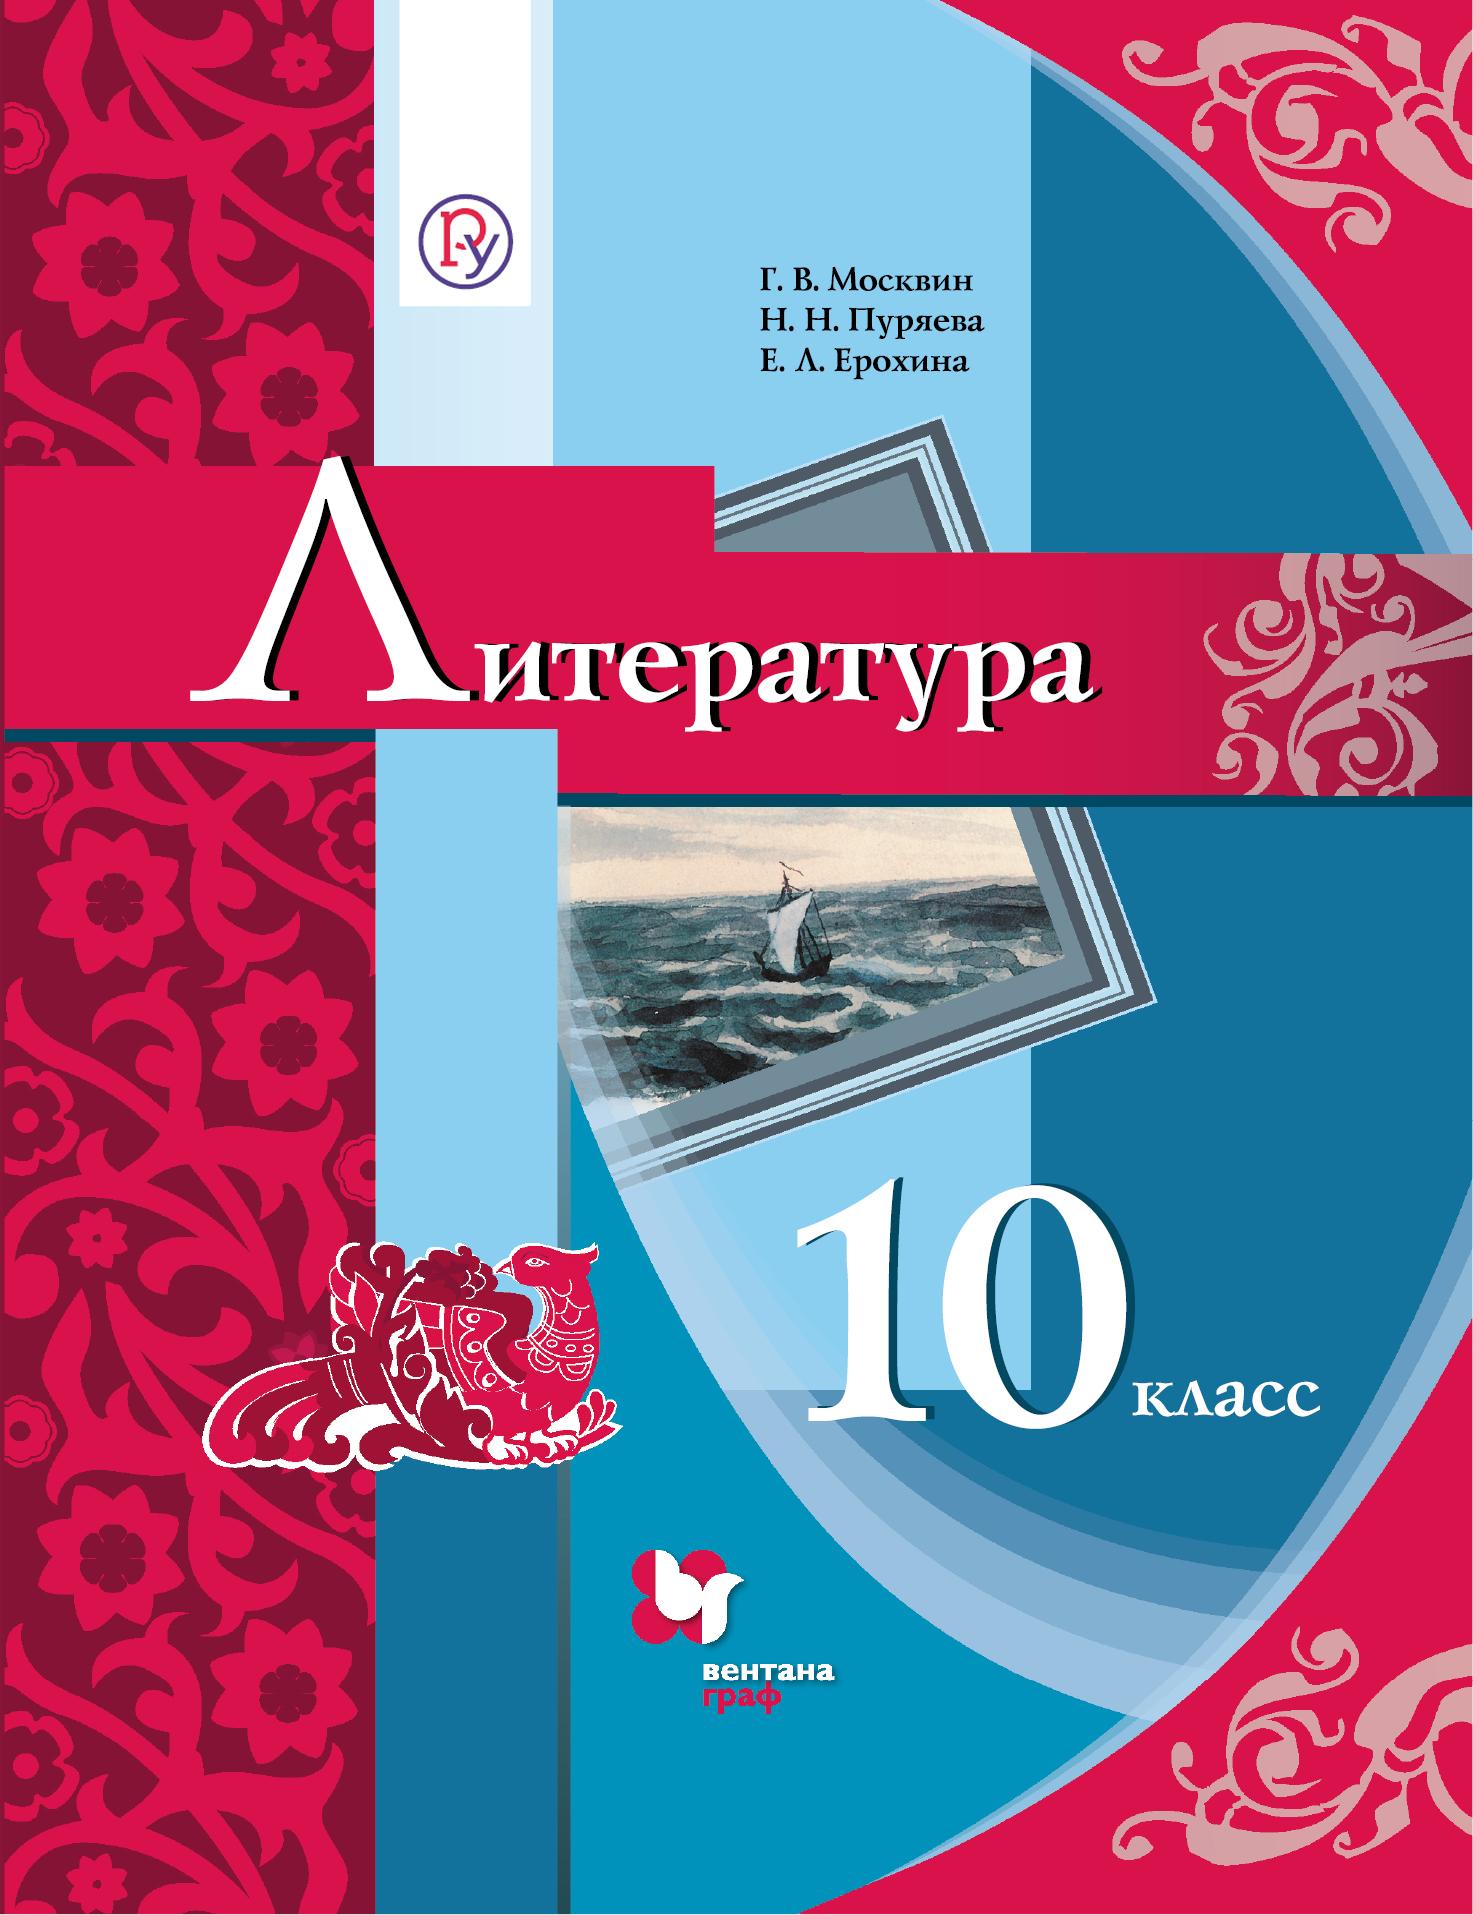 Русский язык и литература. Литература. 10 класс Москвин Пуряева Ерохина